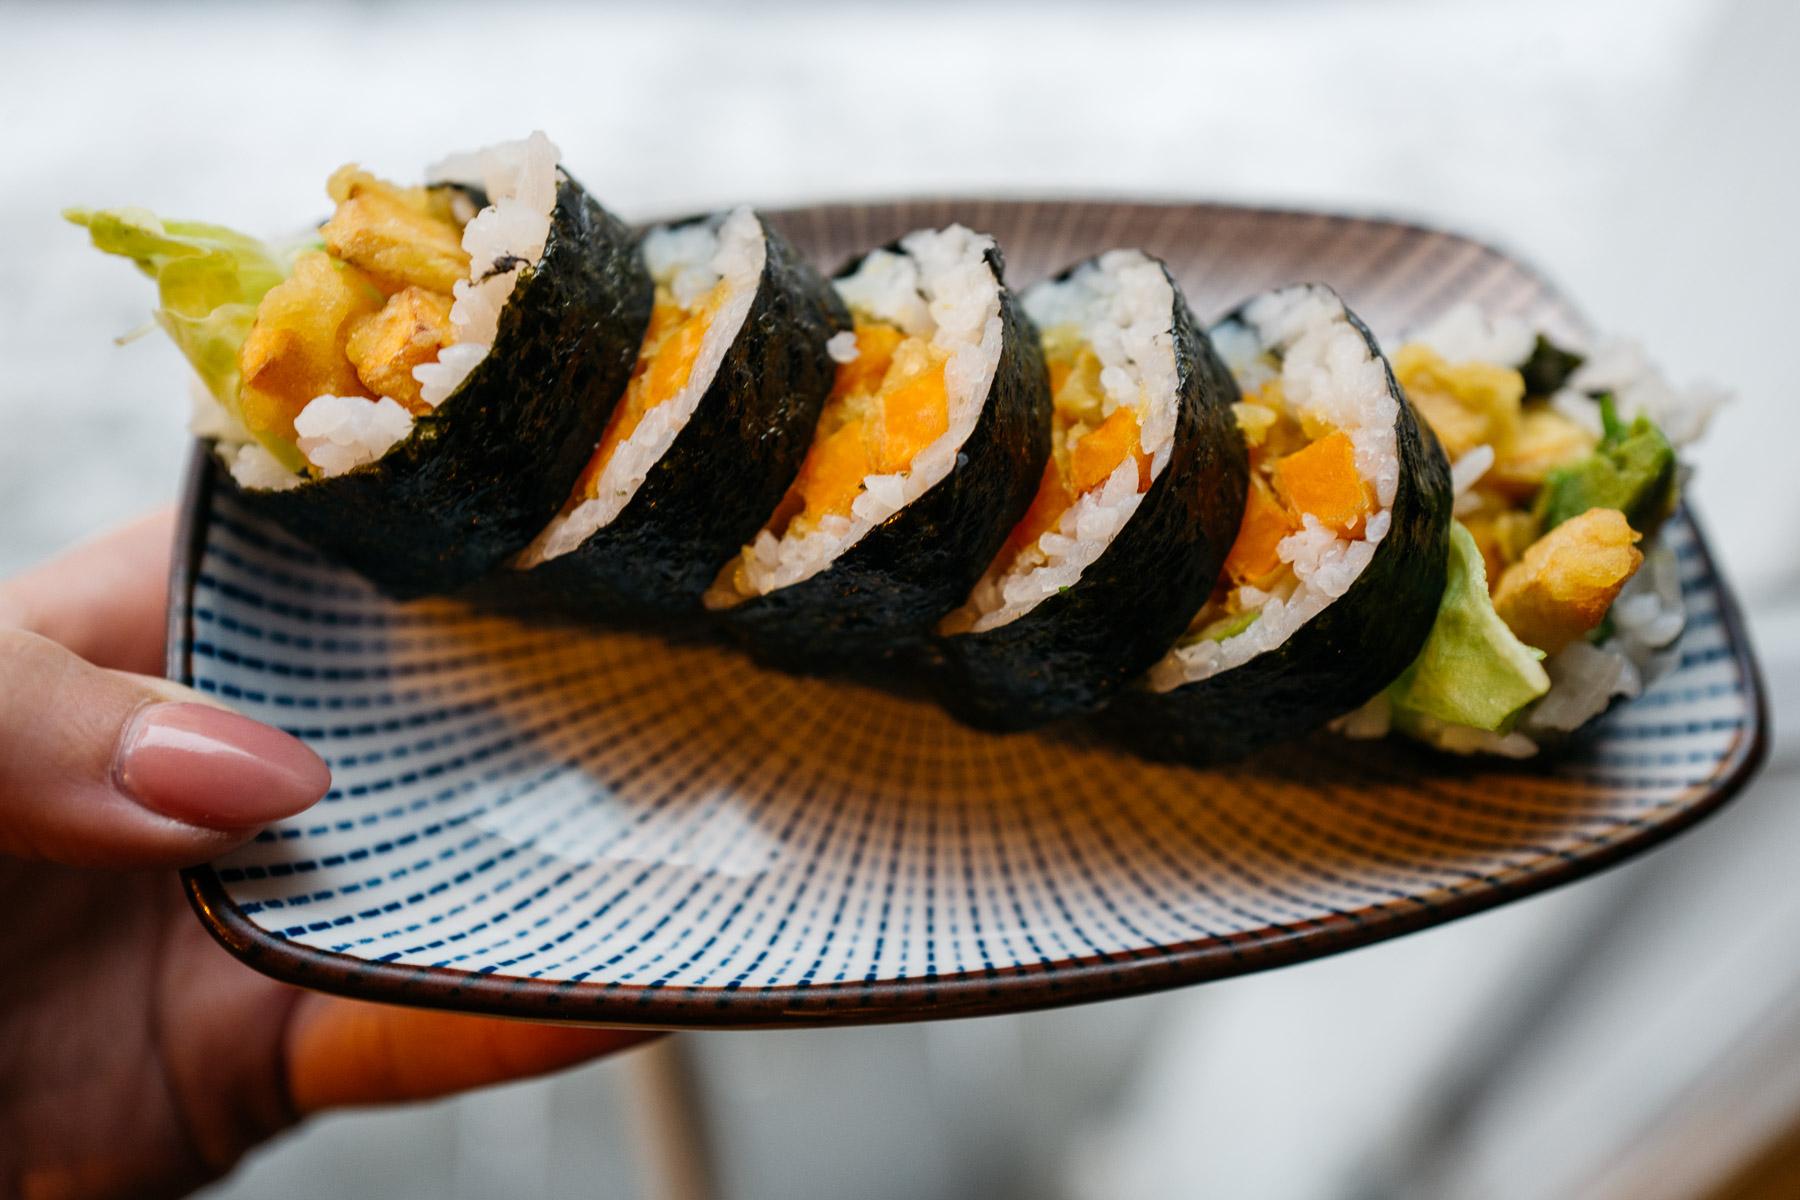 Futomaki z dynią w tempurze, awokado, ogórkiem, grzybami shitake i sałatą